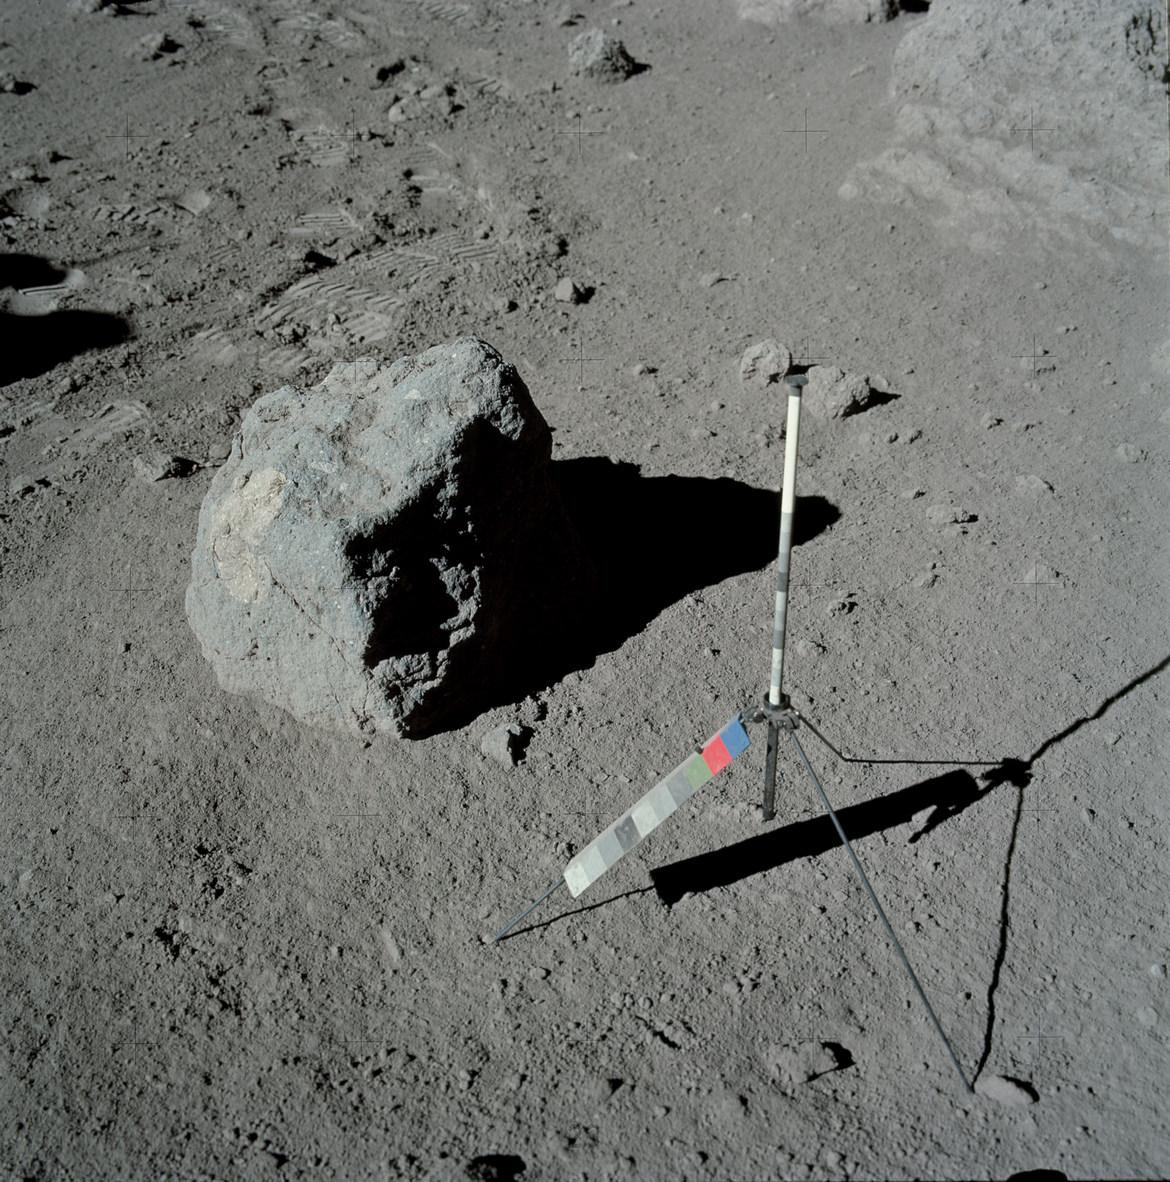 Самый древний лунный камень возрастом 4,5 млрд лет, фрагмент которого доставлен на Землю экспедицией «Аполлона-17» (NASA, AS17-137-20963)